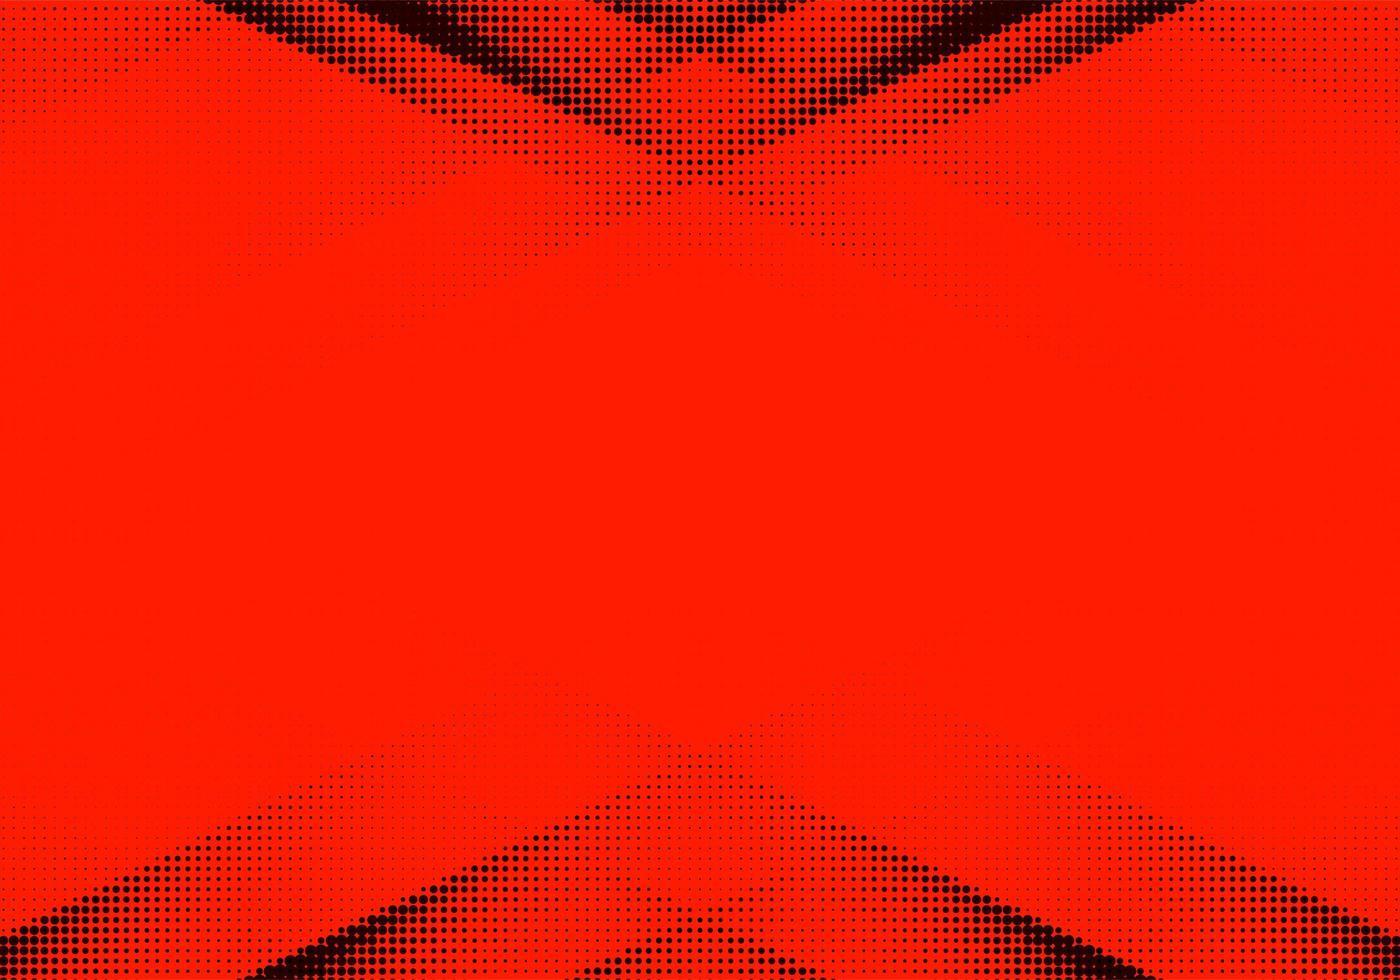 abstrato pontilhado vermelho e preto vetor